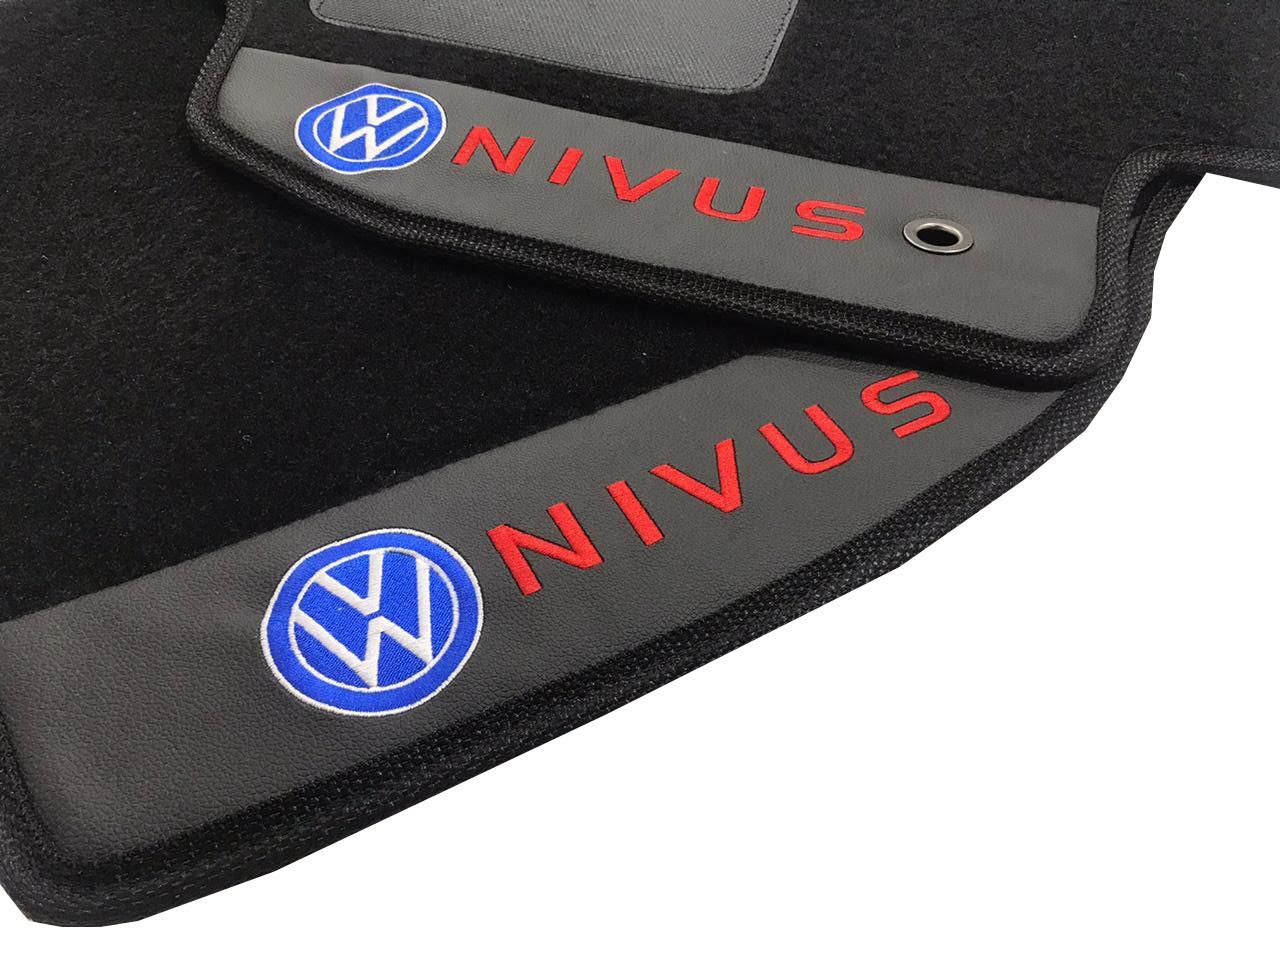 Jogo de Tapetes Carpete Premium Nivus Original Hitto